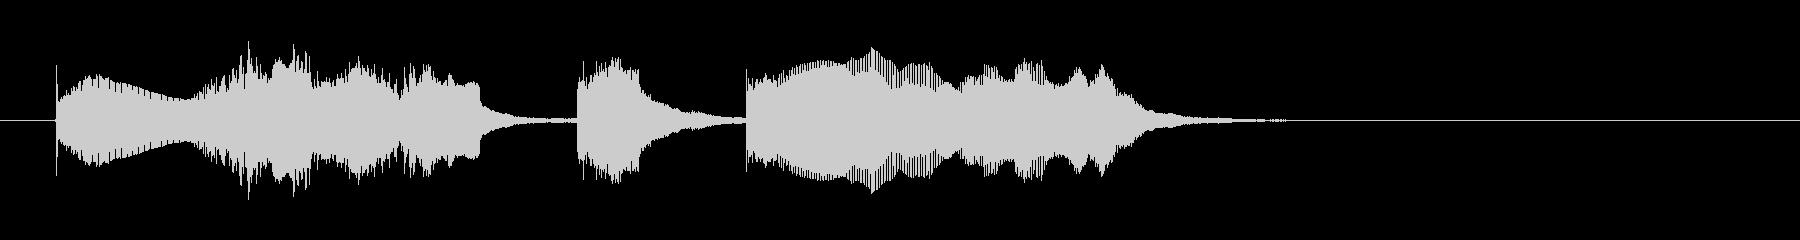 可愛らしいほのぼのとしたジングルですの未再生の波形